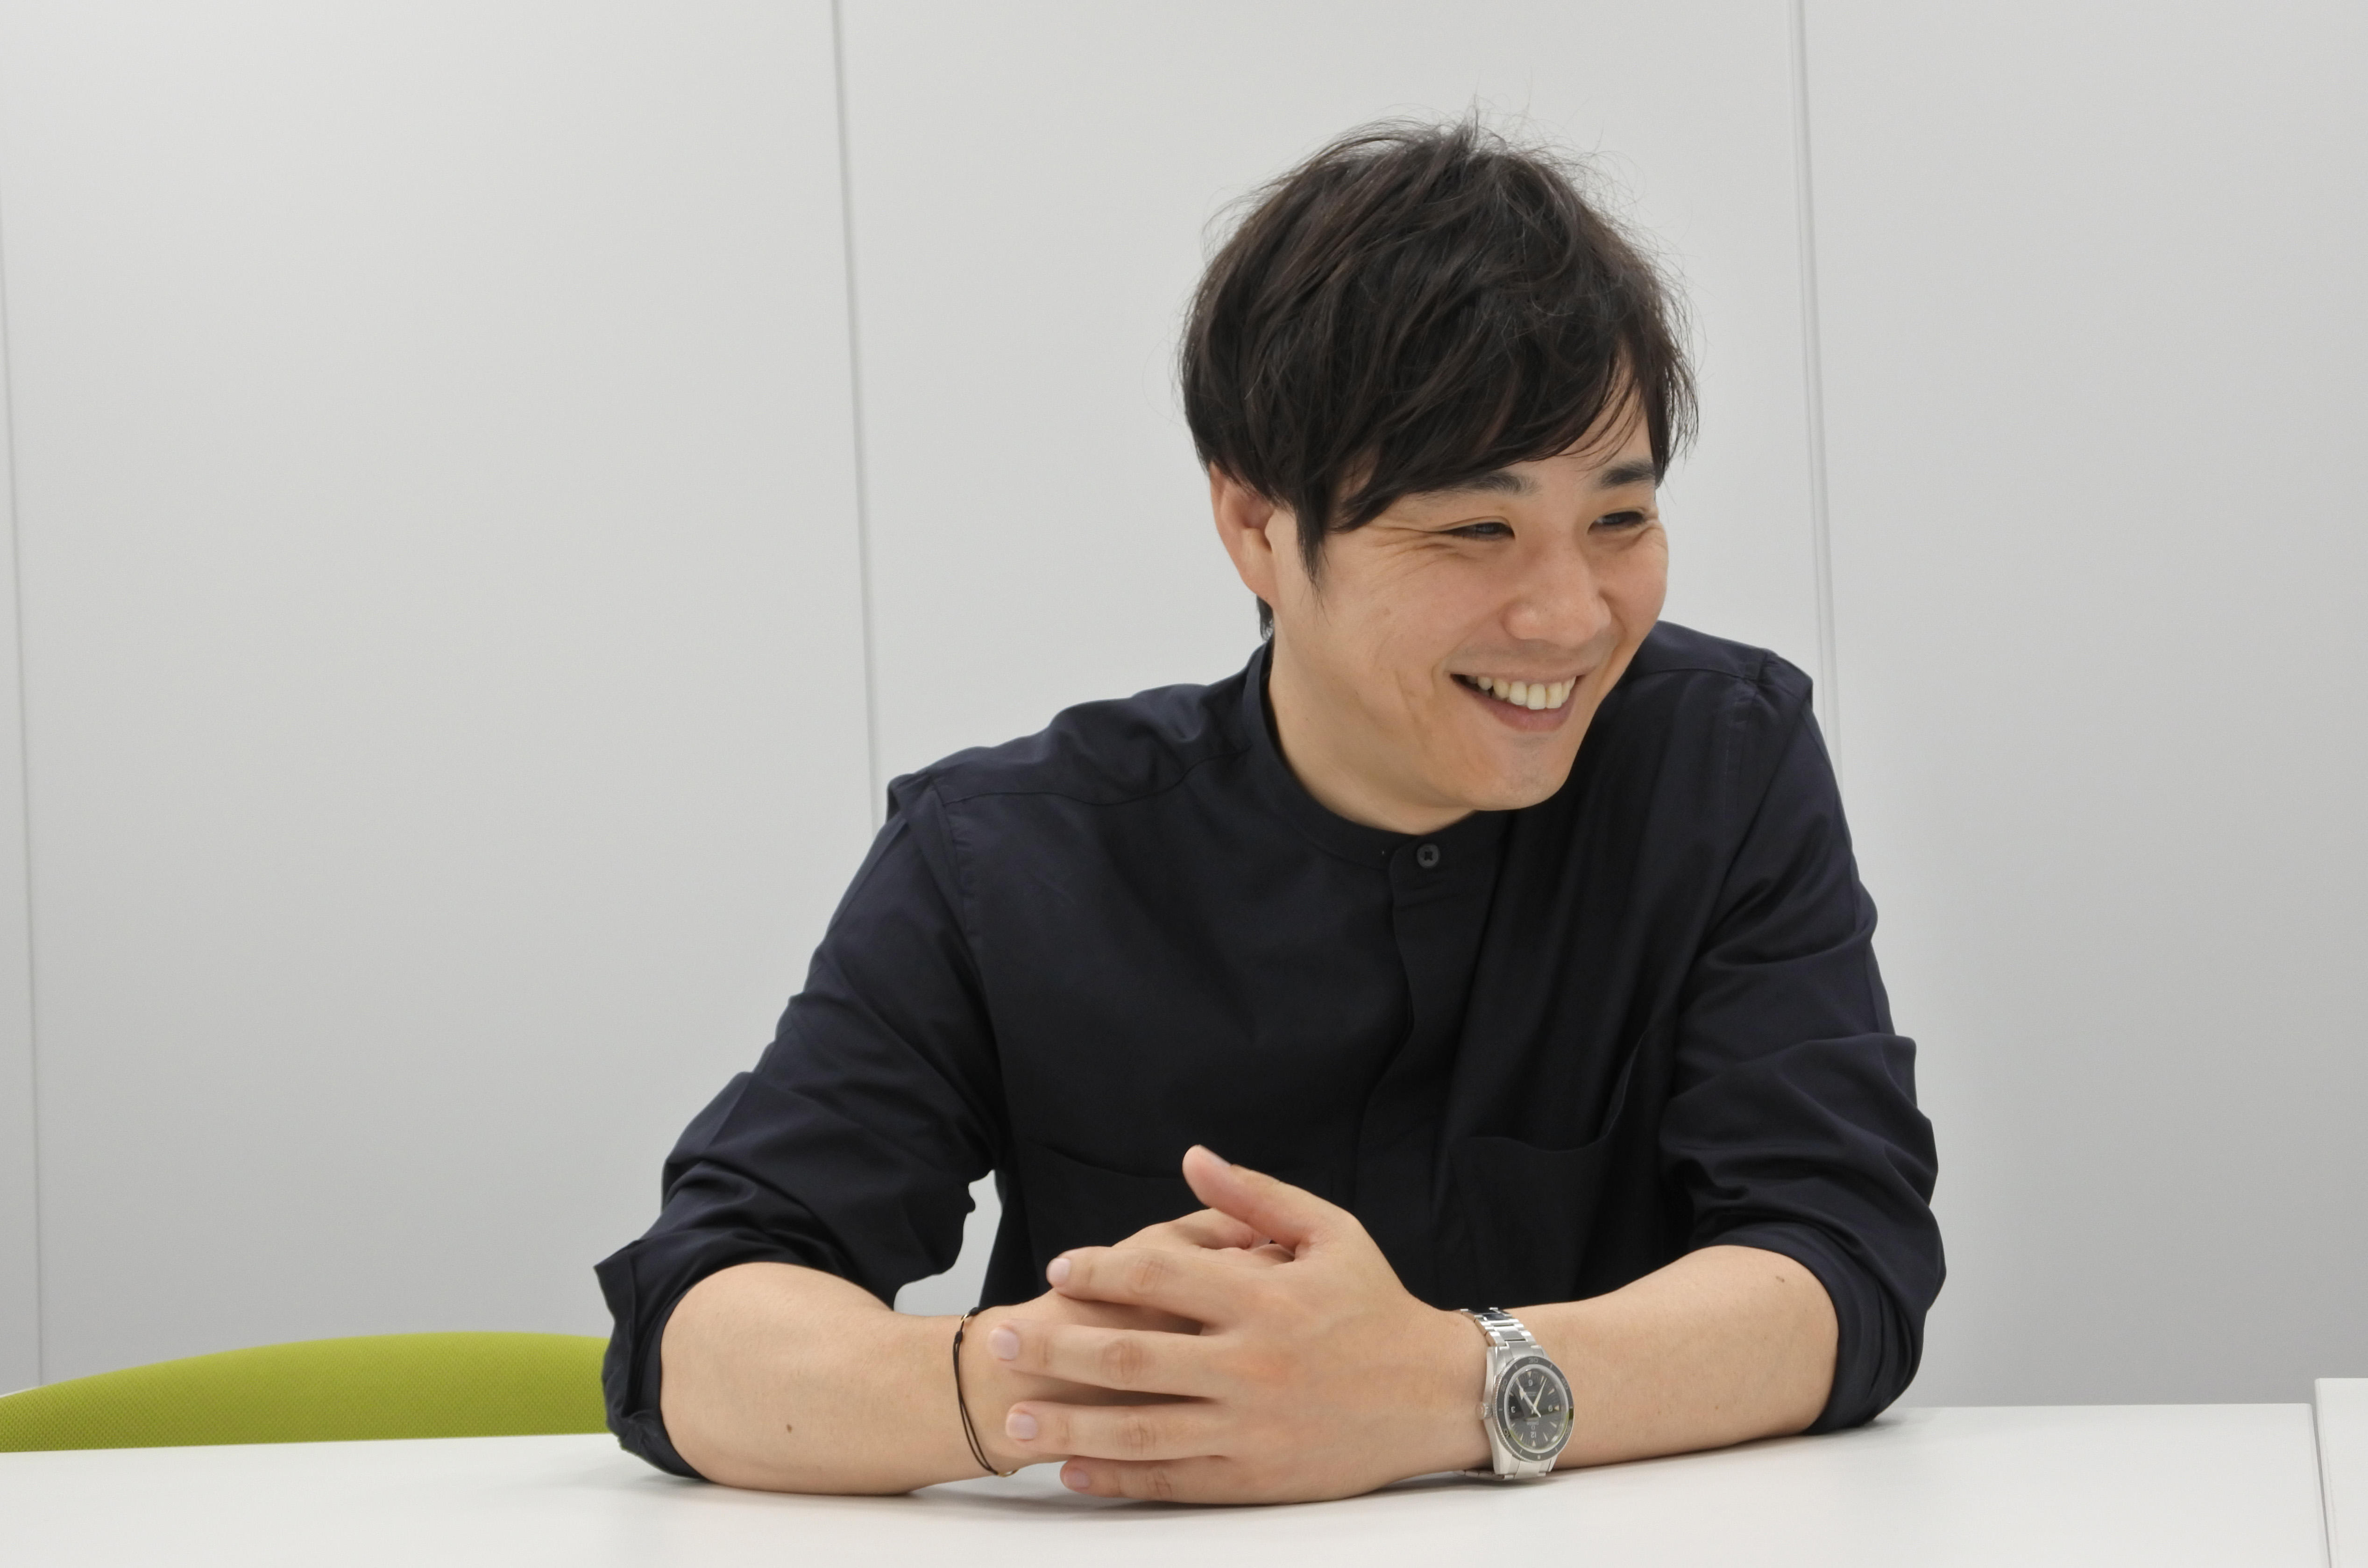 http://news.yoshimoto.co.jp/20170915101306-c32e82e24af3b8bf49a5ac182af8bc7f5376c01b.jpg